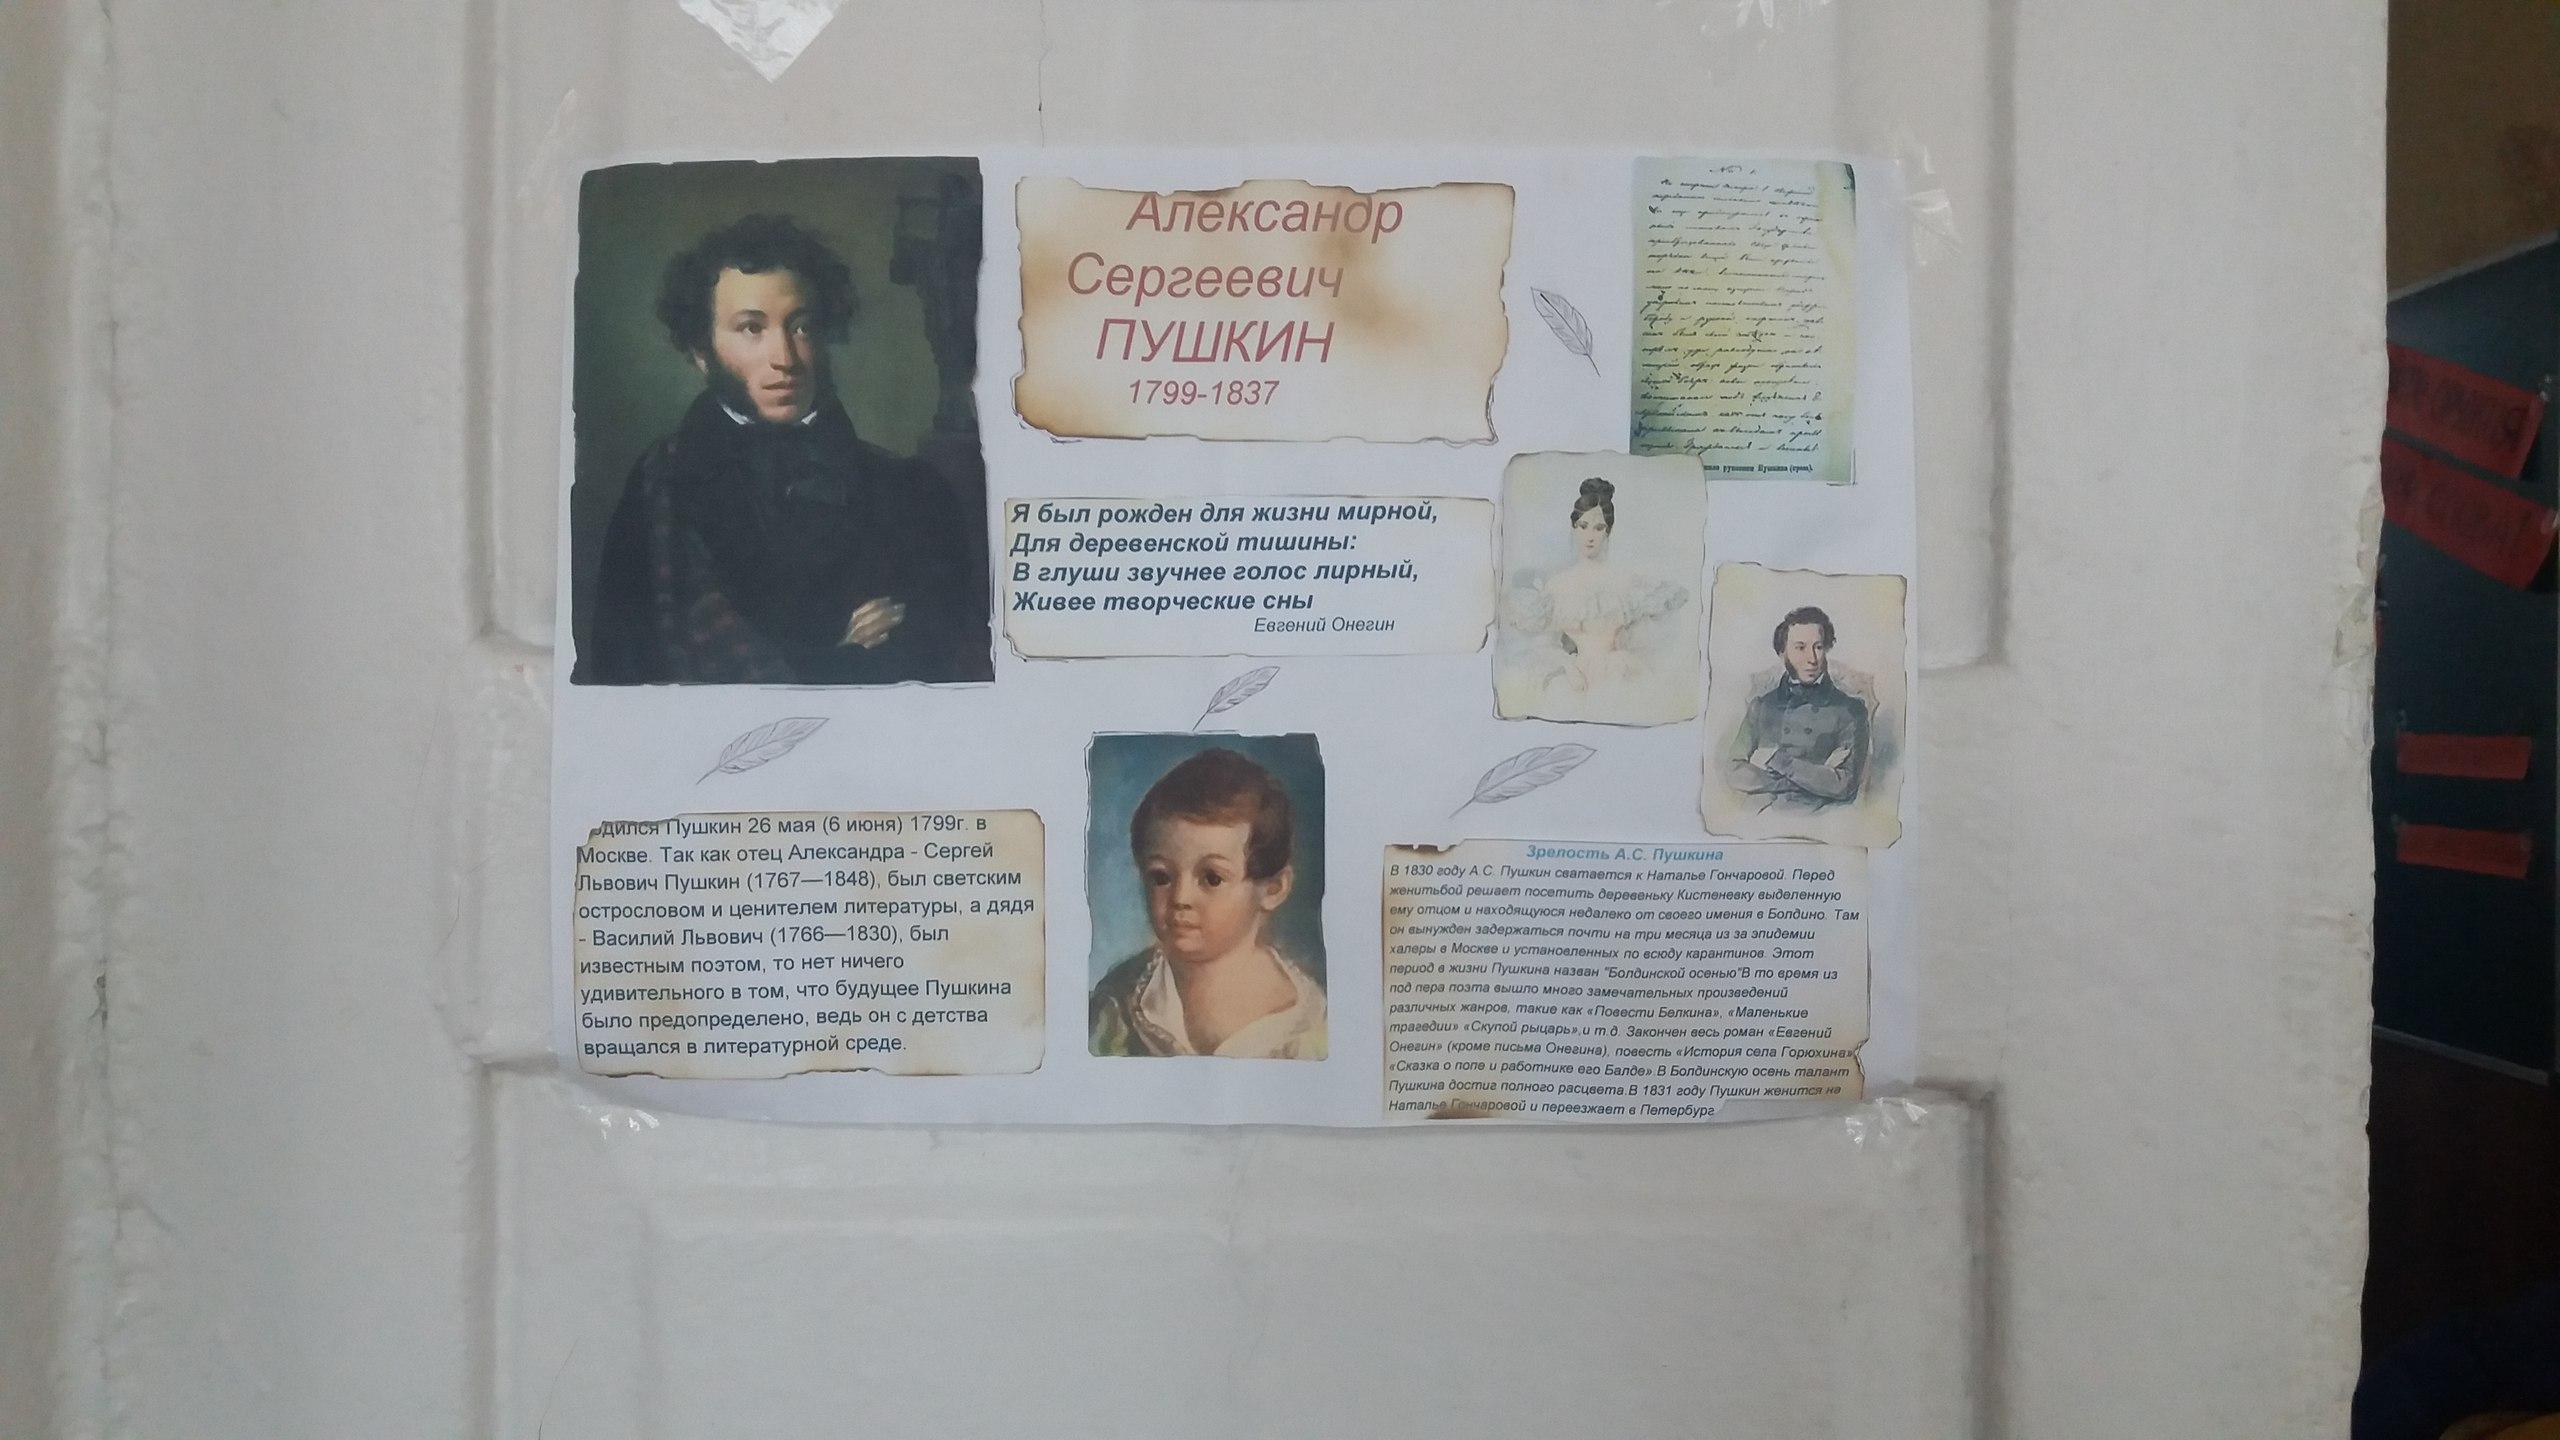 Сегодня в ГСШ № 1 с углубленным изучением иностранных языков стартовала Неделя русского языка и литературы.